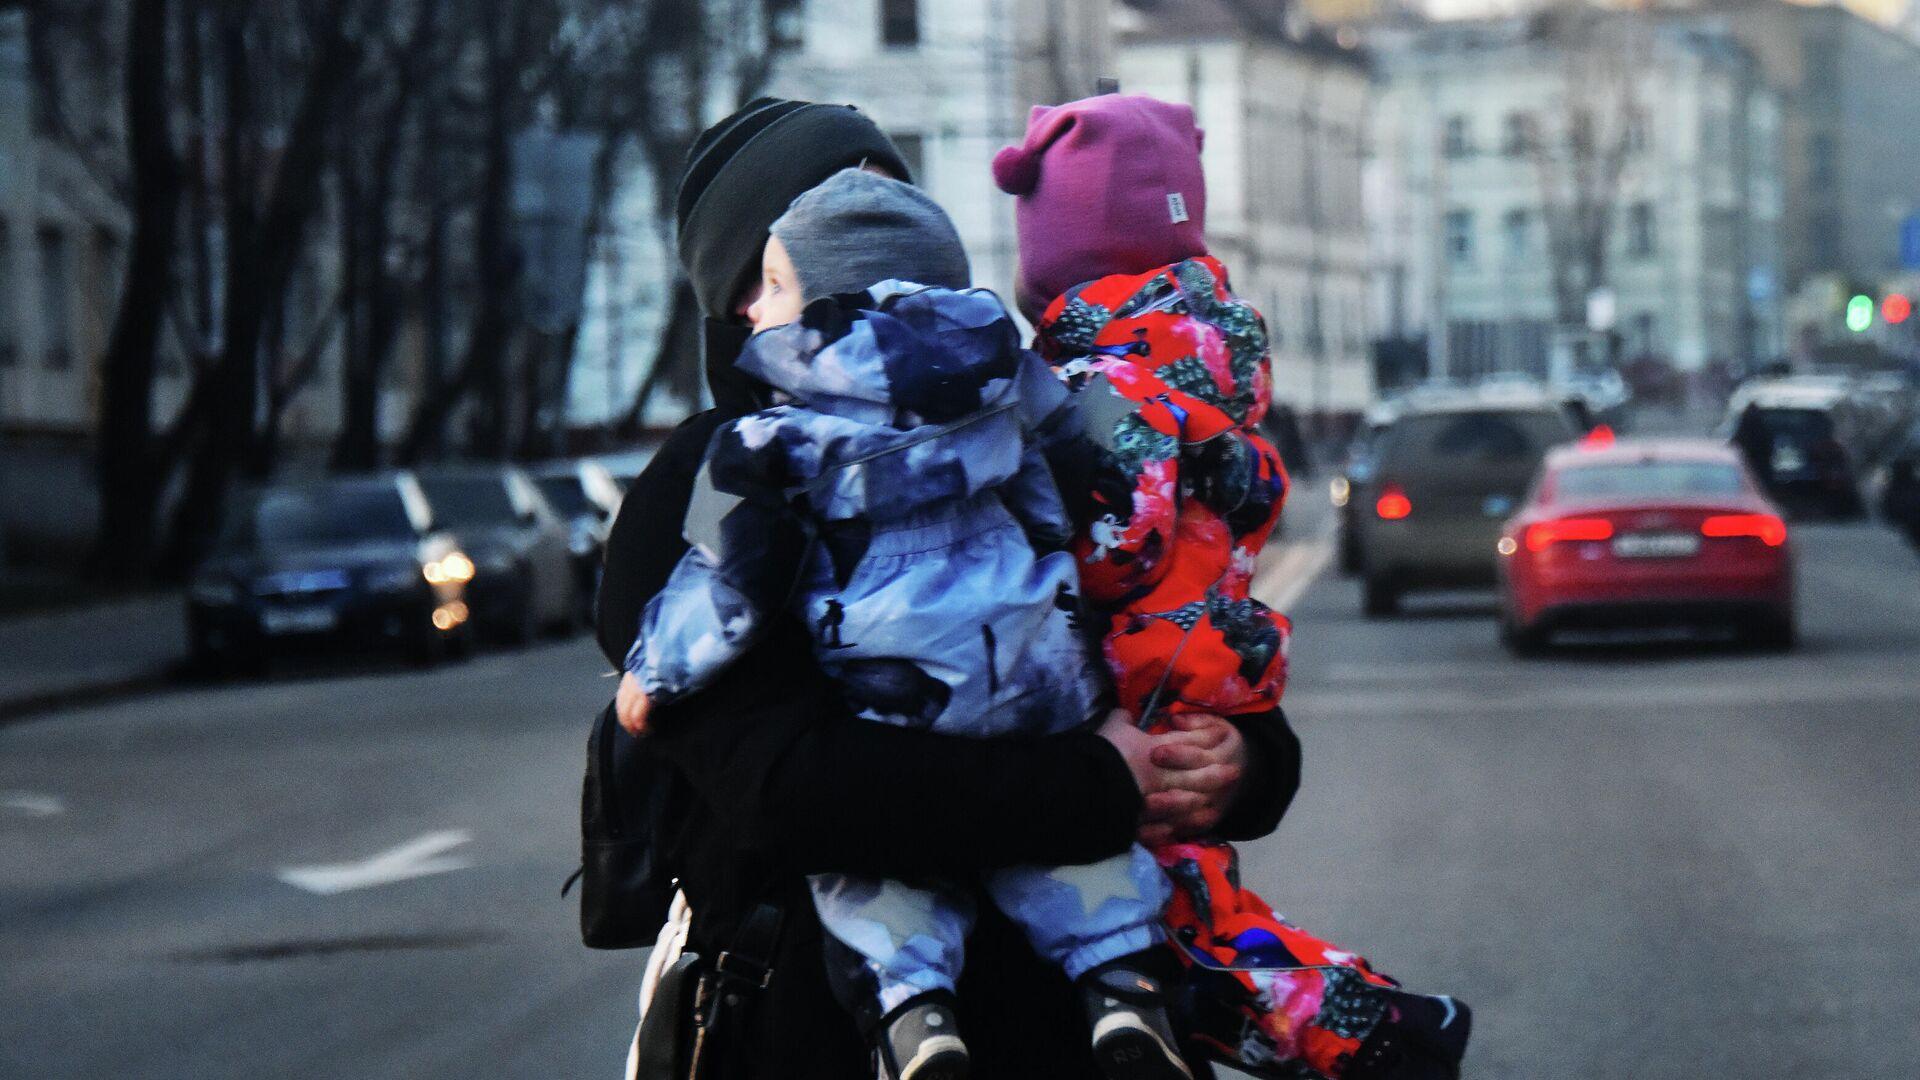 Женщина с двумя детьми на руках переходит дорогу. - РИА Новости, 1920, 15.09.2020